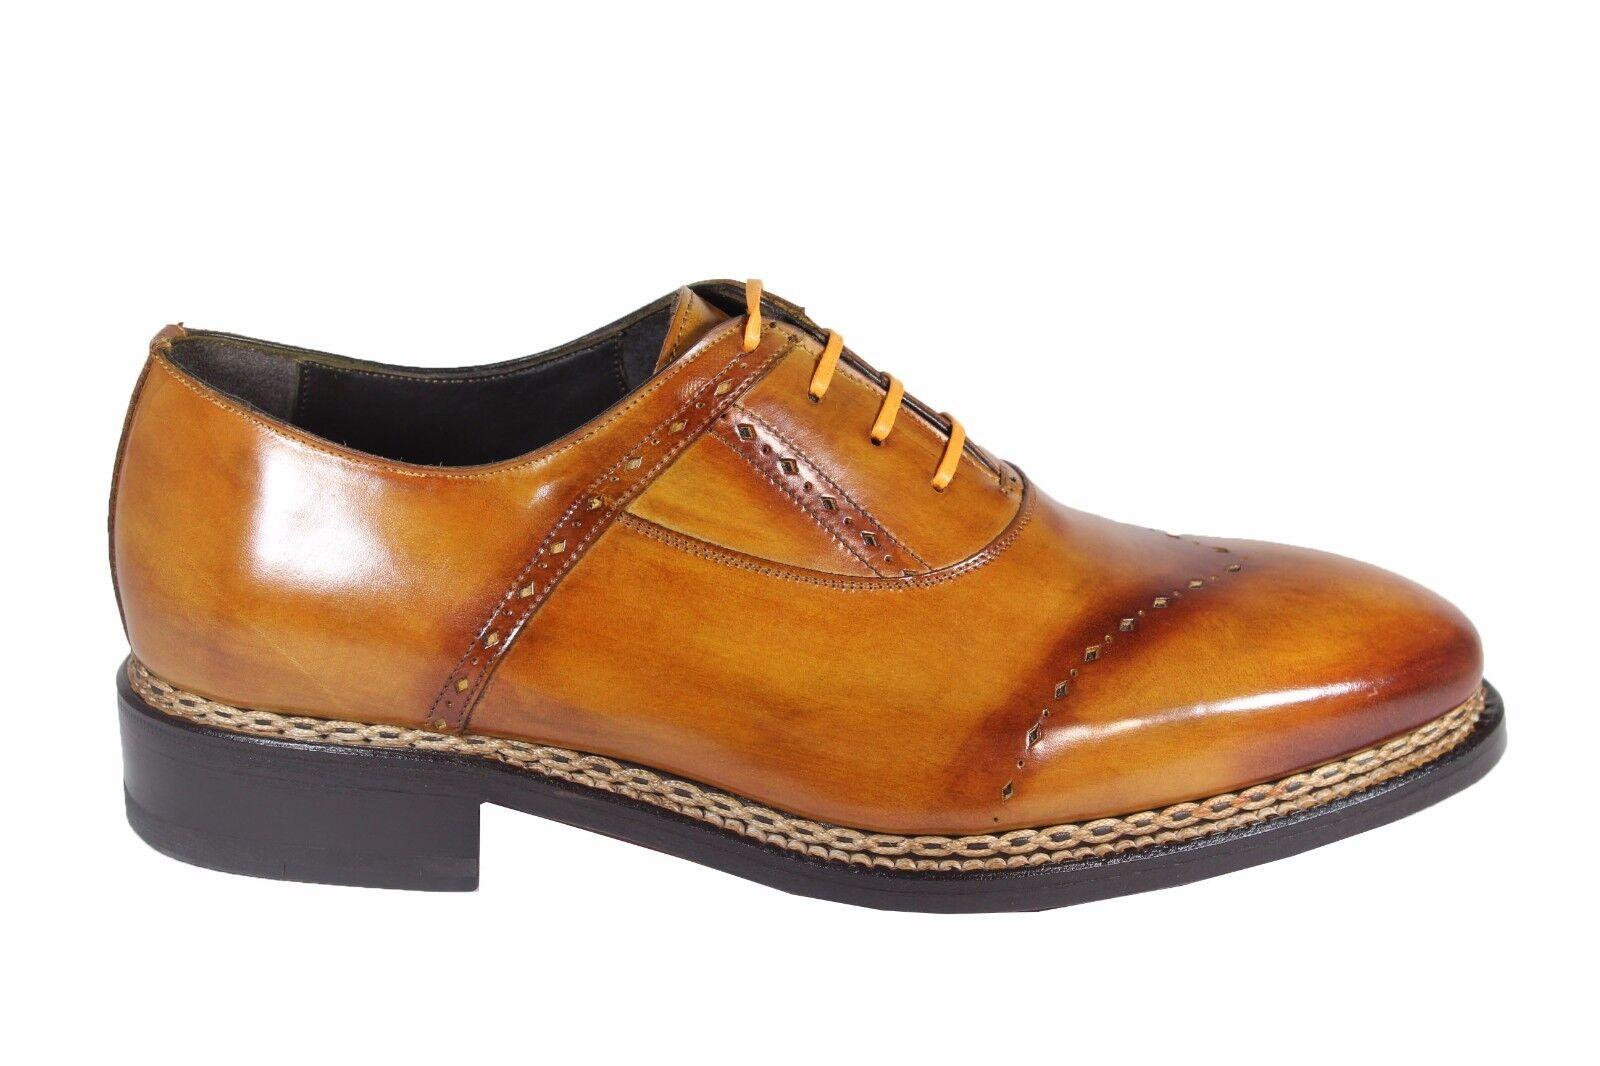 benvenuto a comprare HARRIS leather derby brogue stringata stringata stringata classica con cucitura norvegese  acquisto limitato